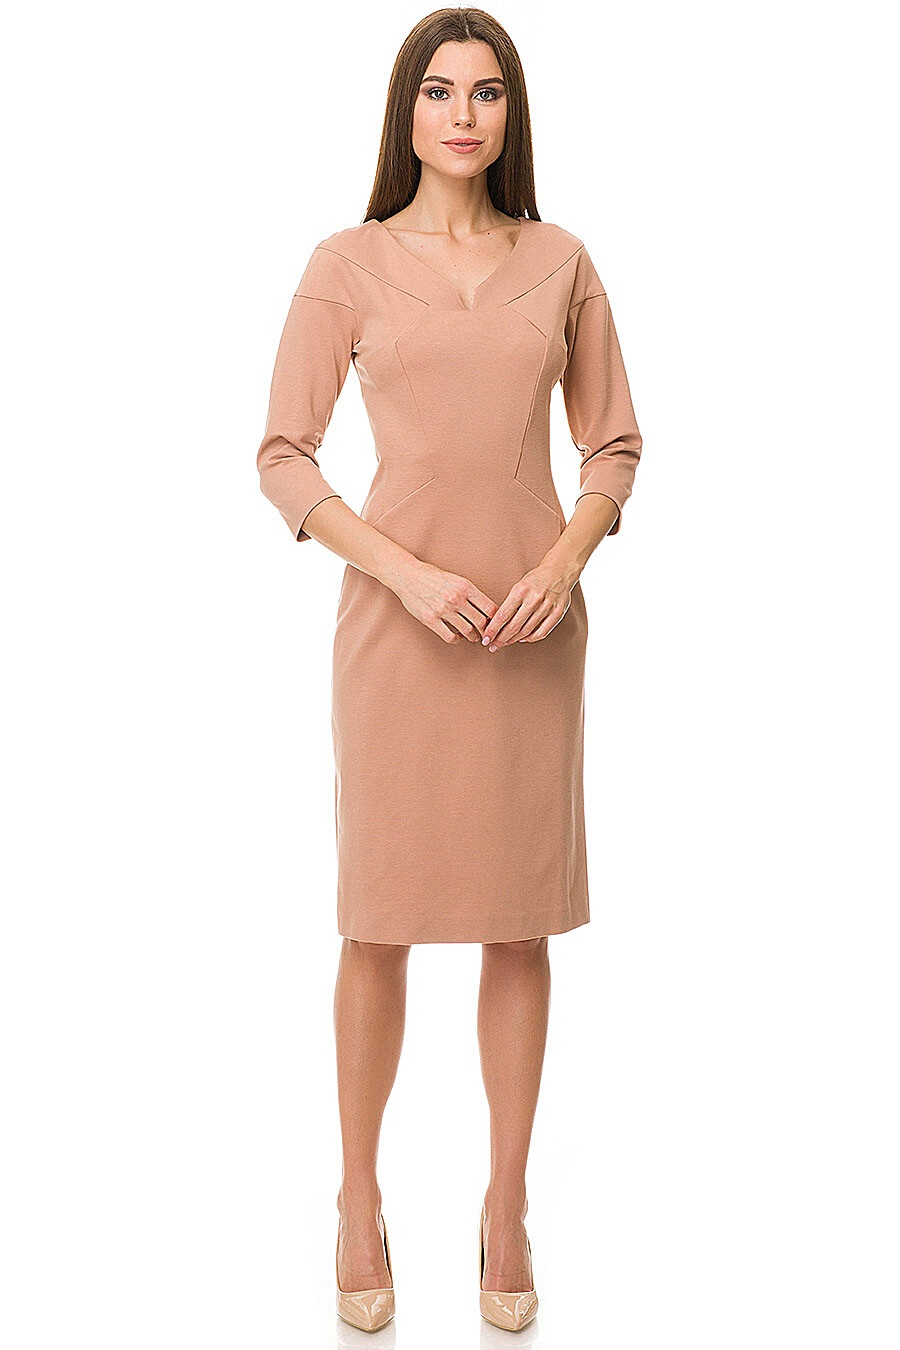 Новое платье Vemina City  44 р.